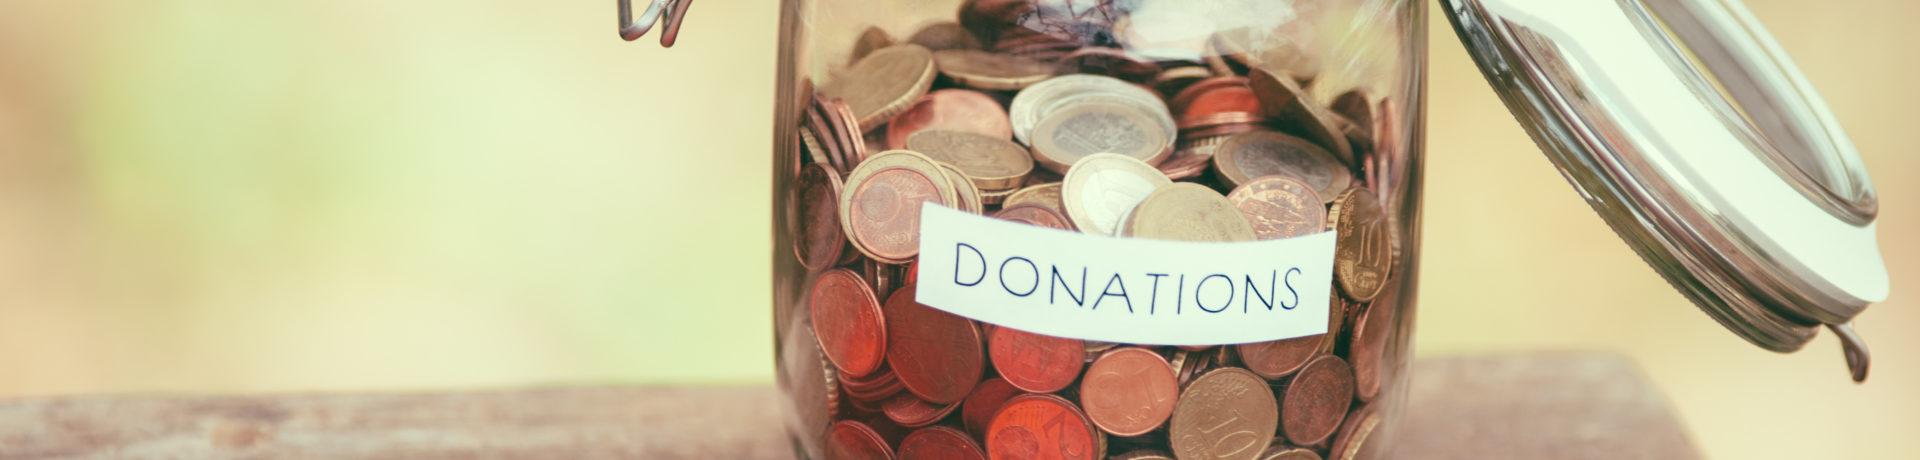 Donations jar